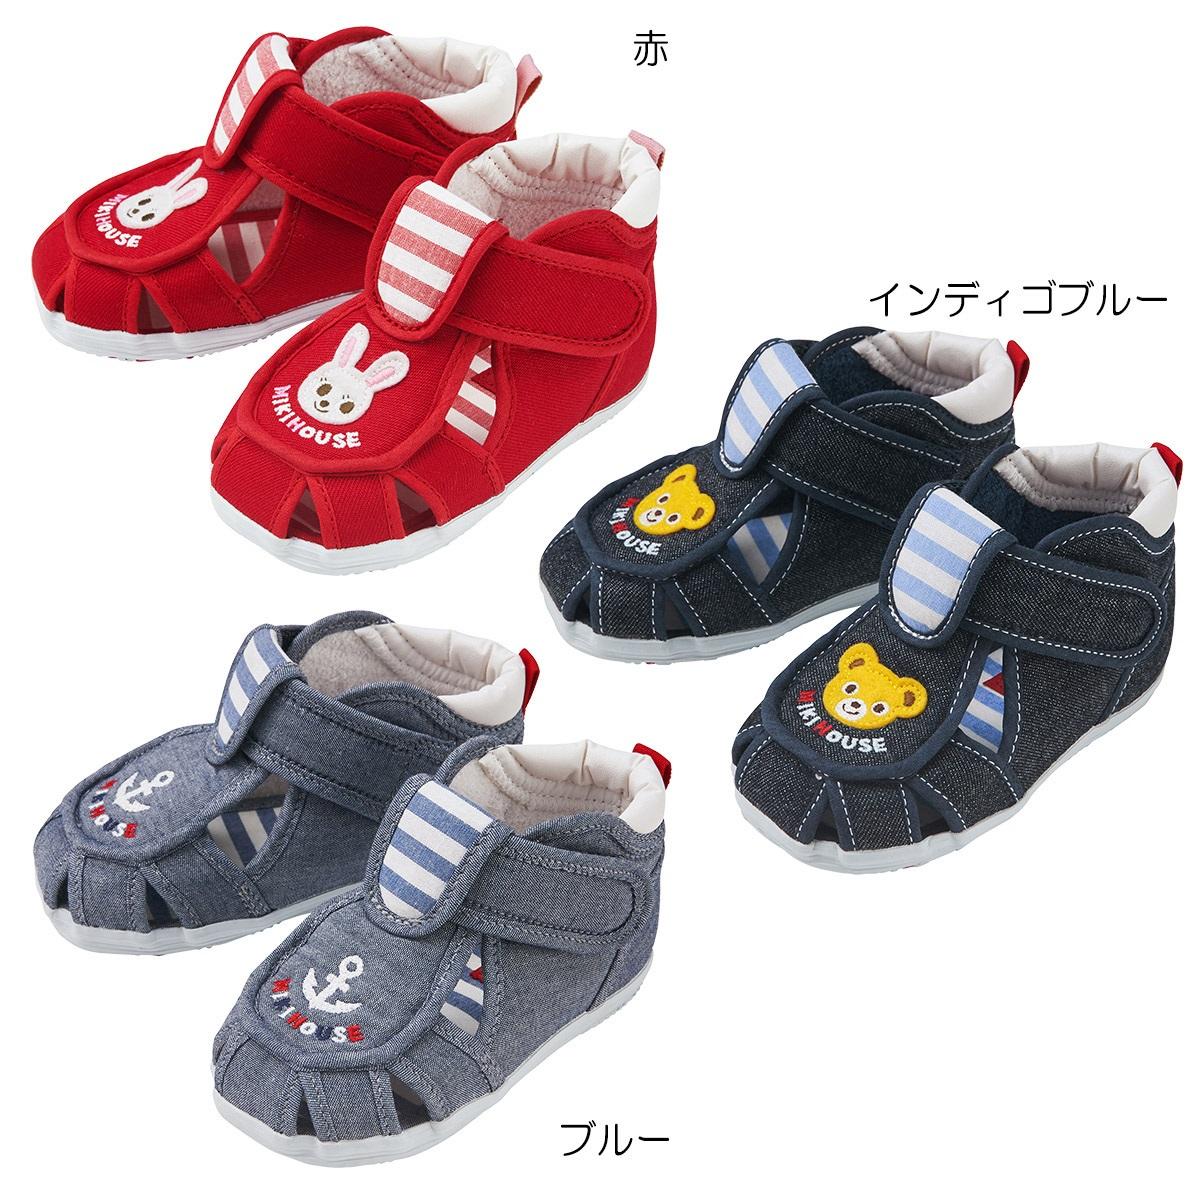 ☆ミキハウス☆ スーパーSALE セール期間限定 mikihouse ストア ミキハウス ベビーサンダル 13cm-15cm